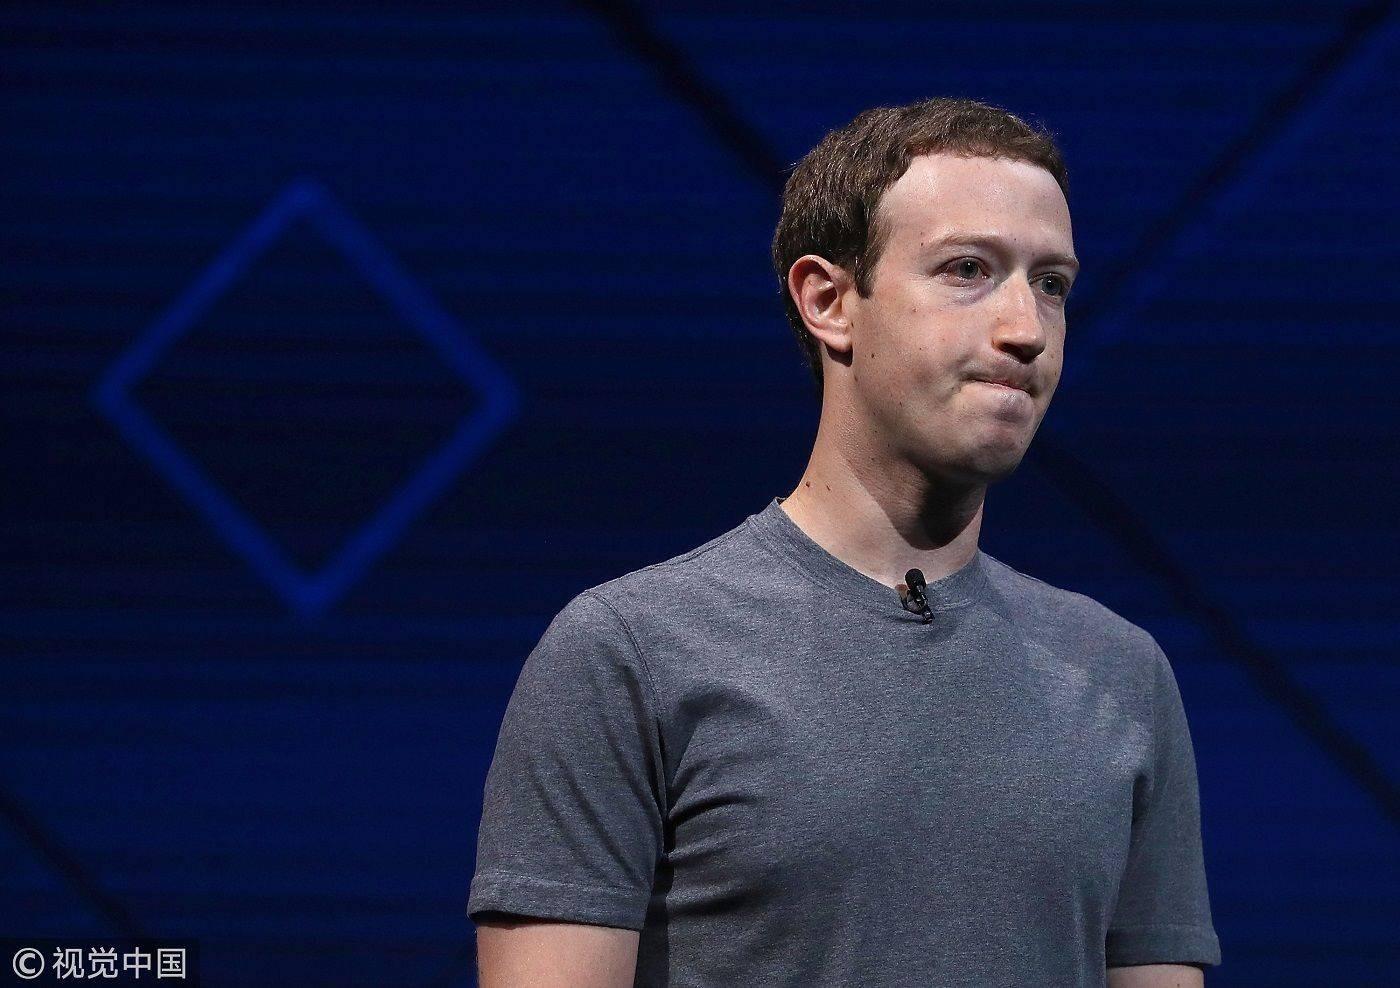 2018年走下神壇?從盛名到罵名的演算法與站在十字路口的Facebook們